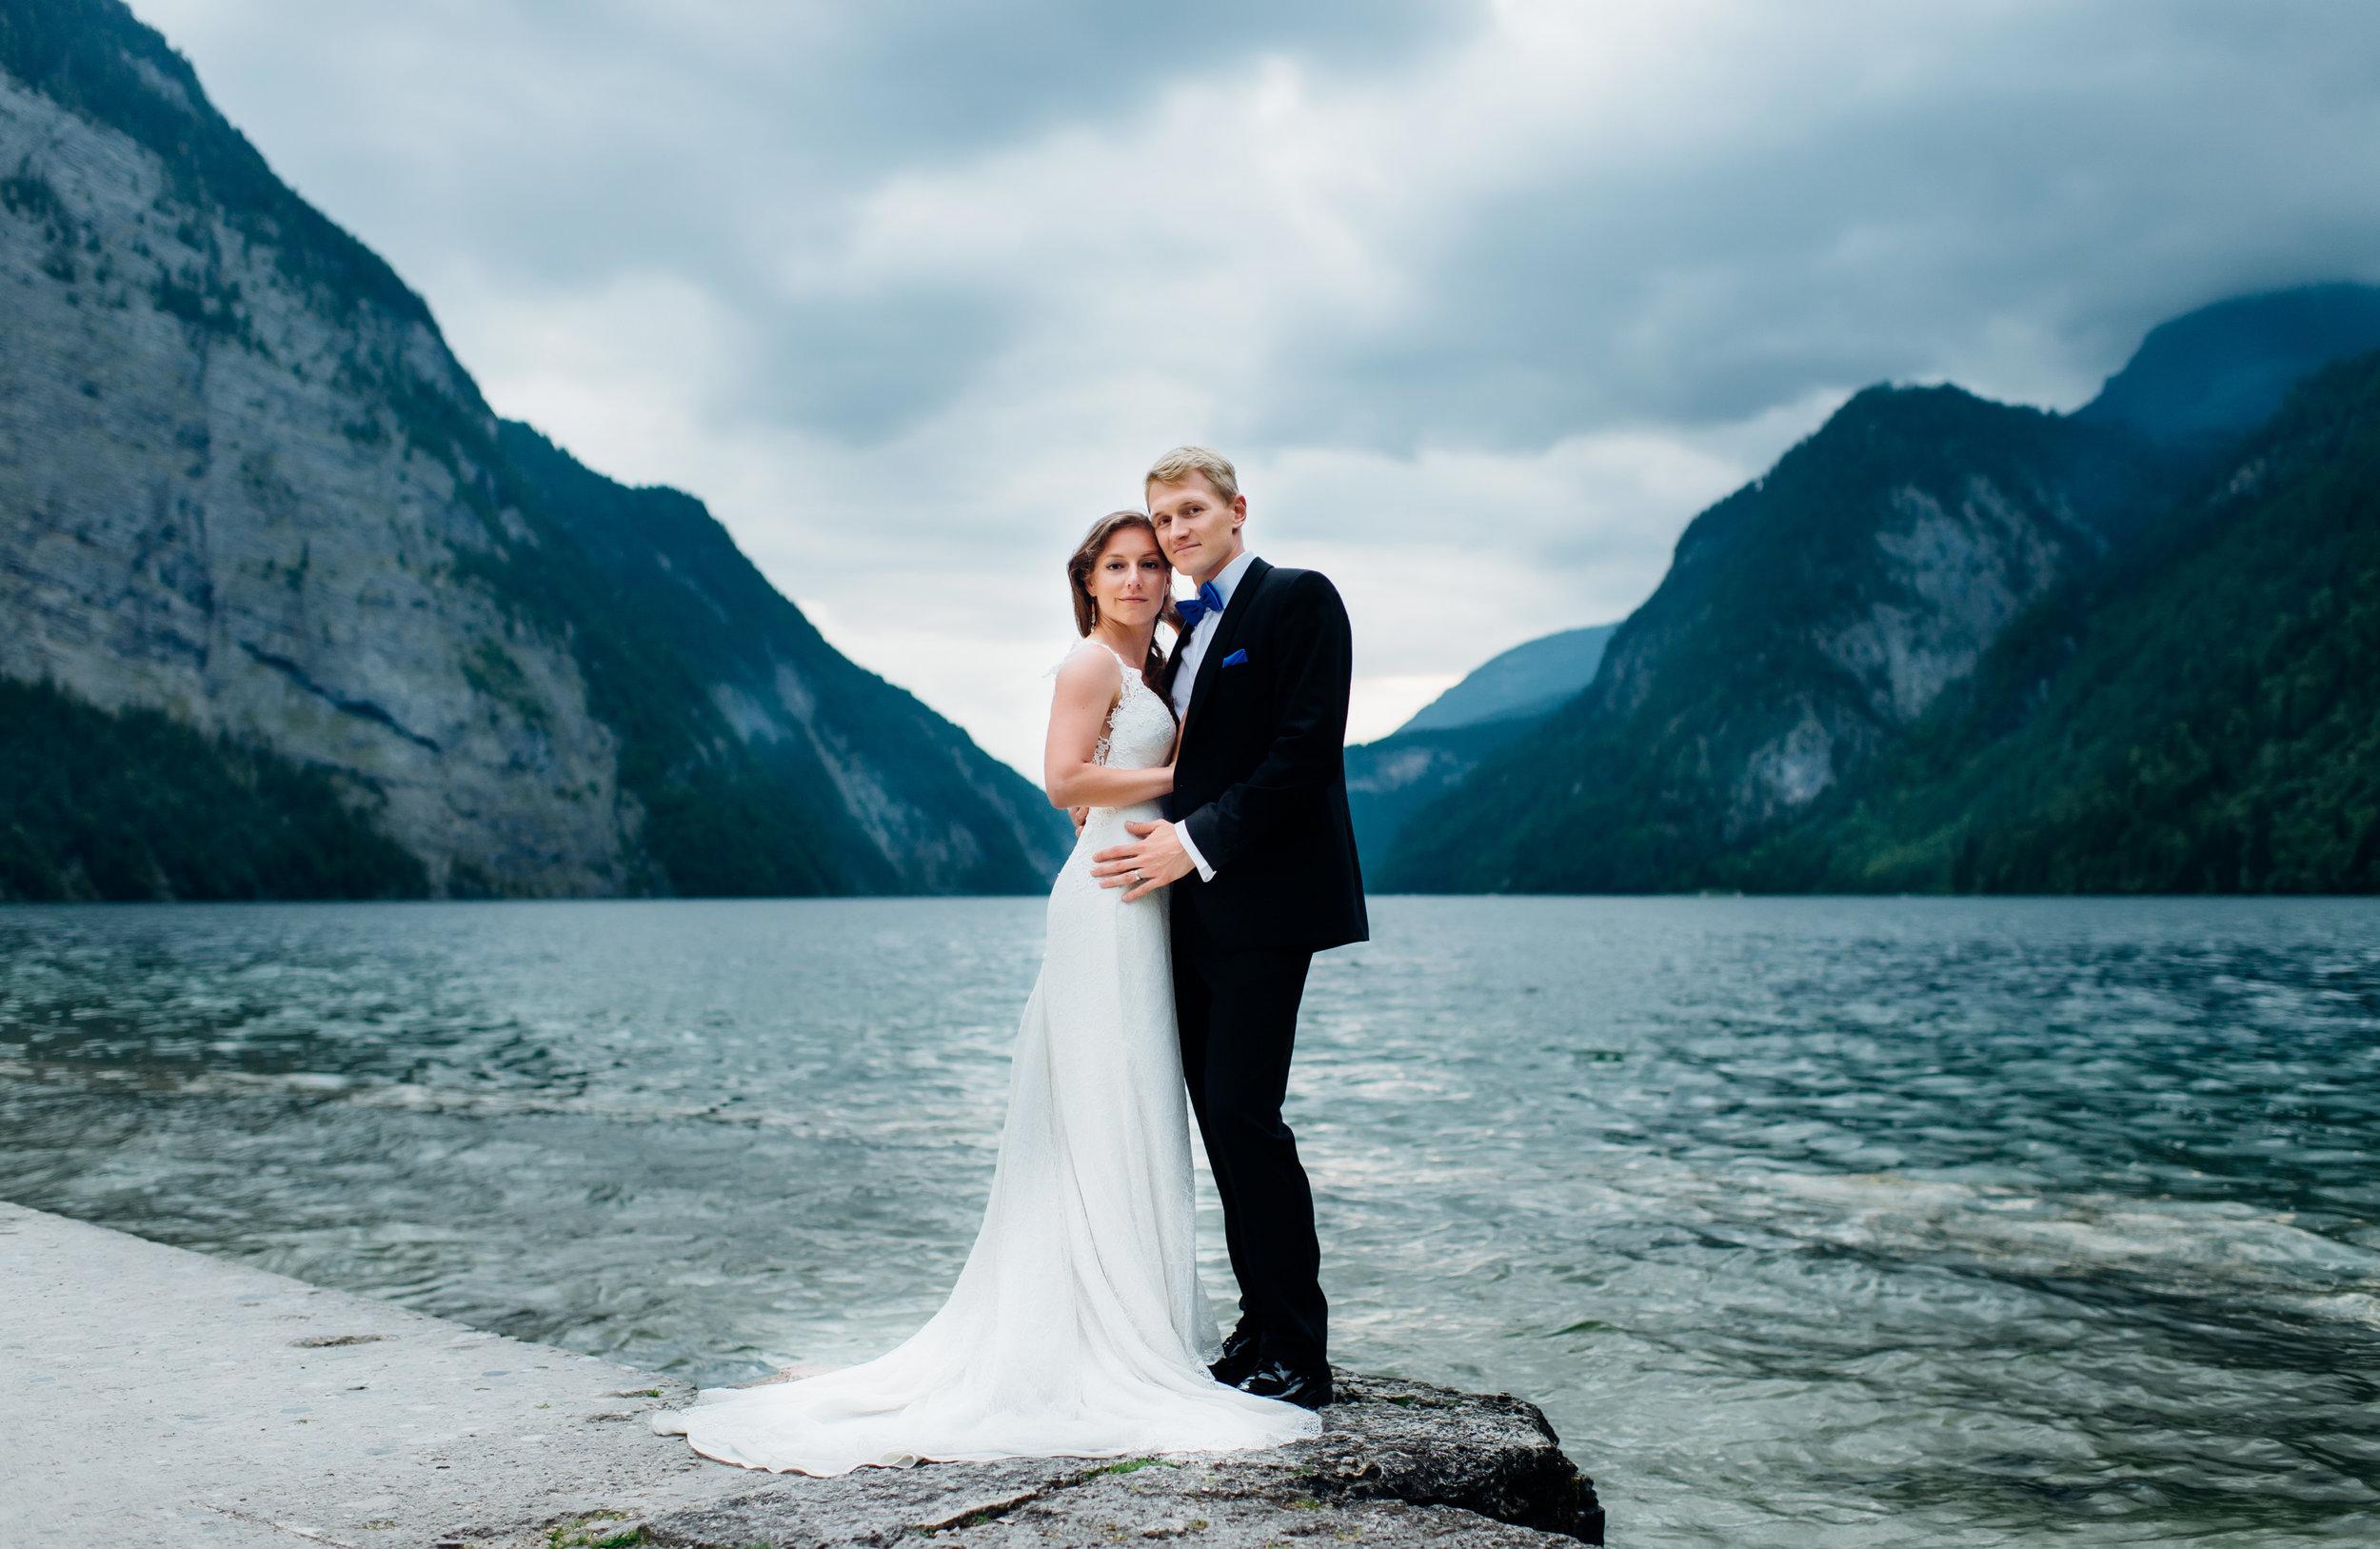 Brautpaarfotoshooting am Wasser